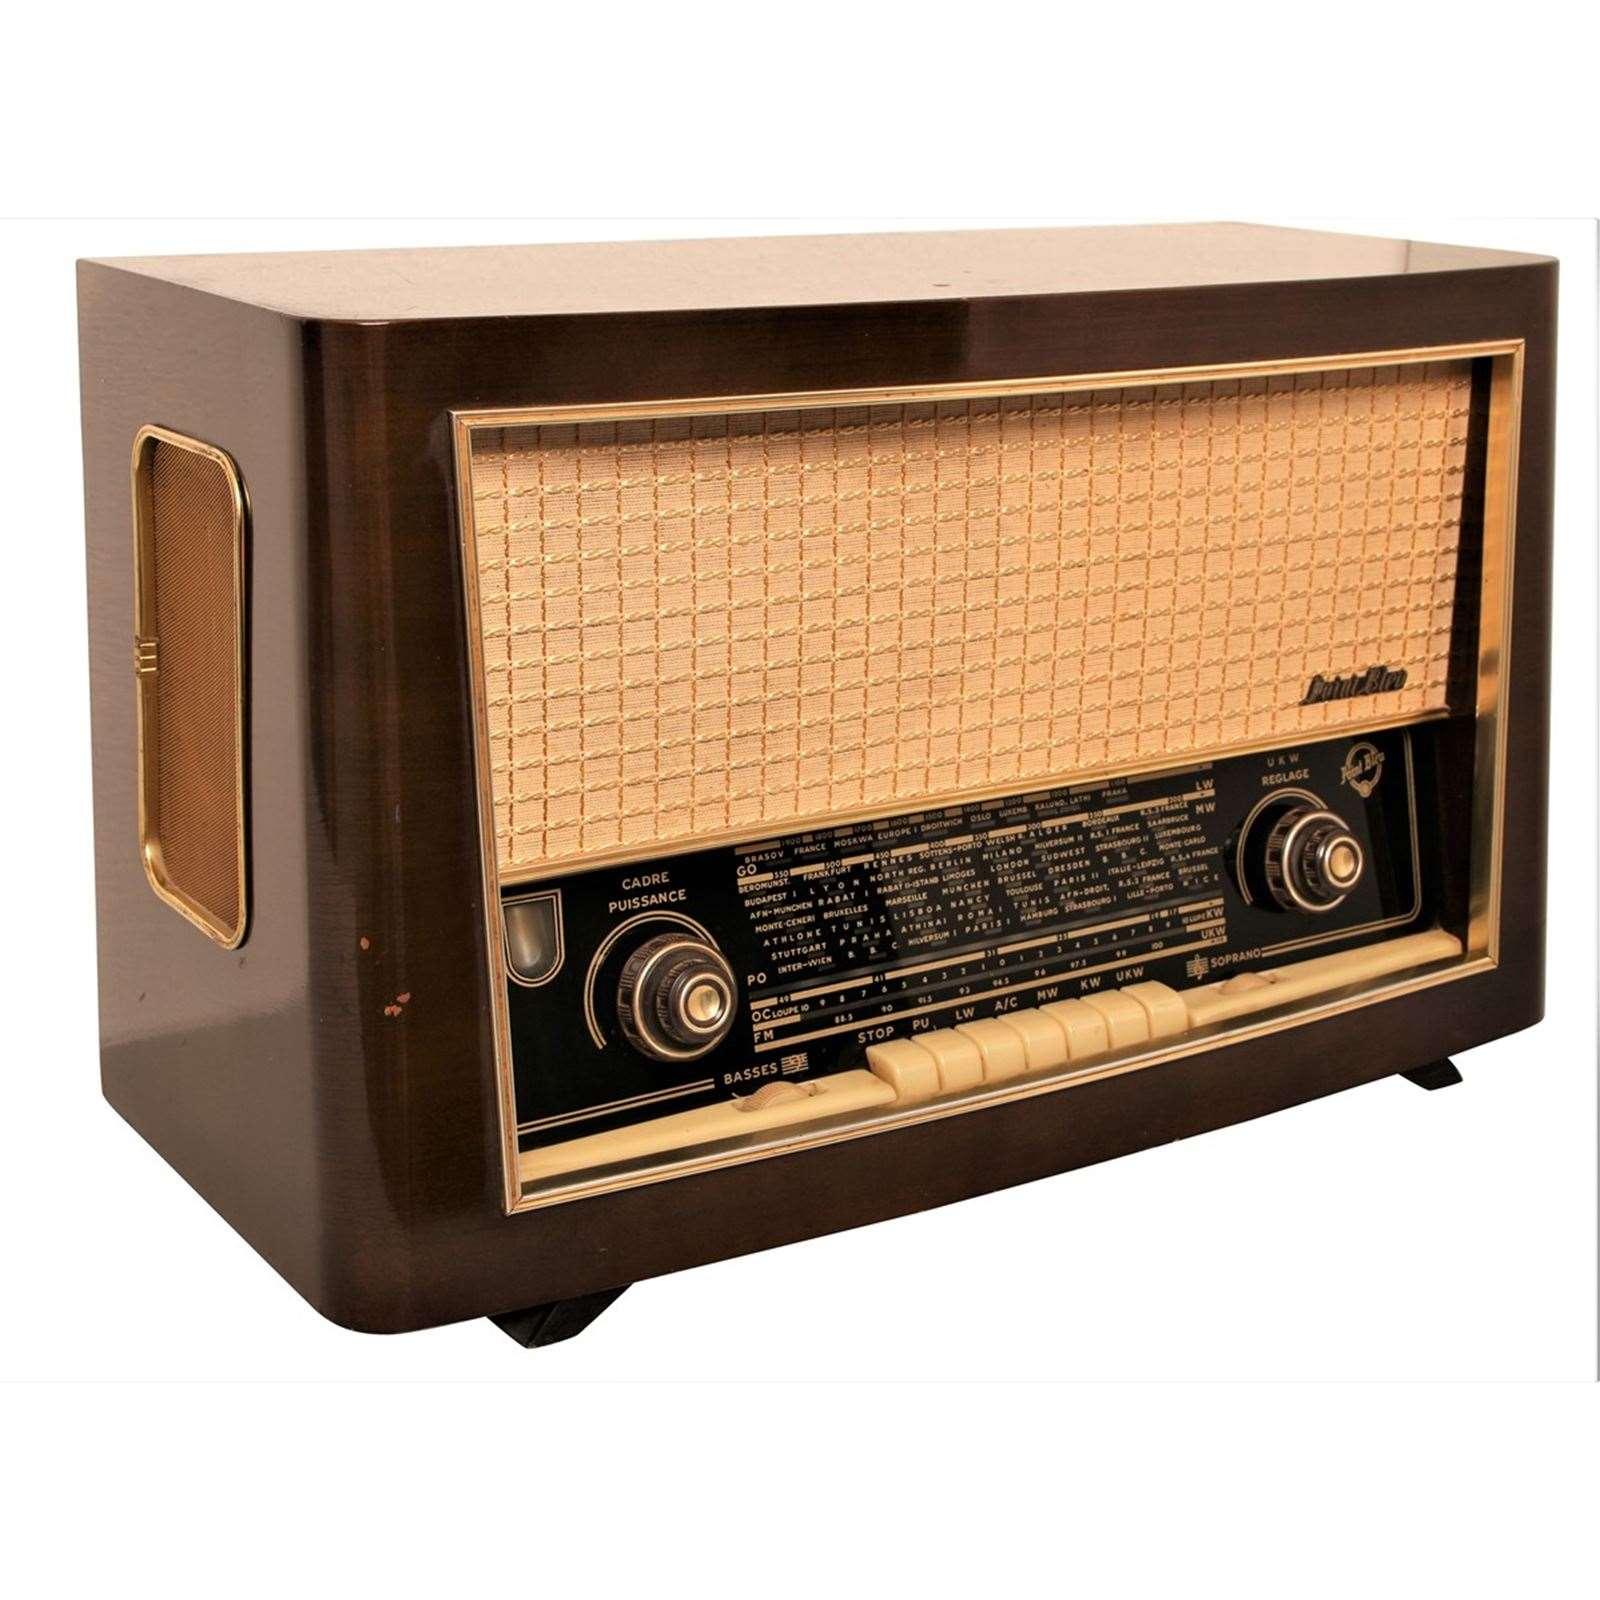 Radio vintage : comment choisir sa radio vintage ?